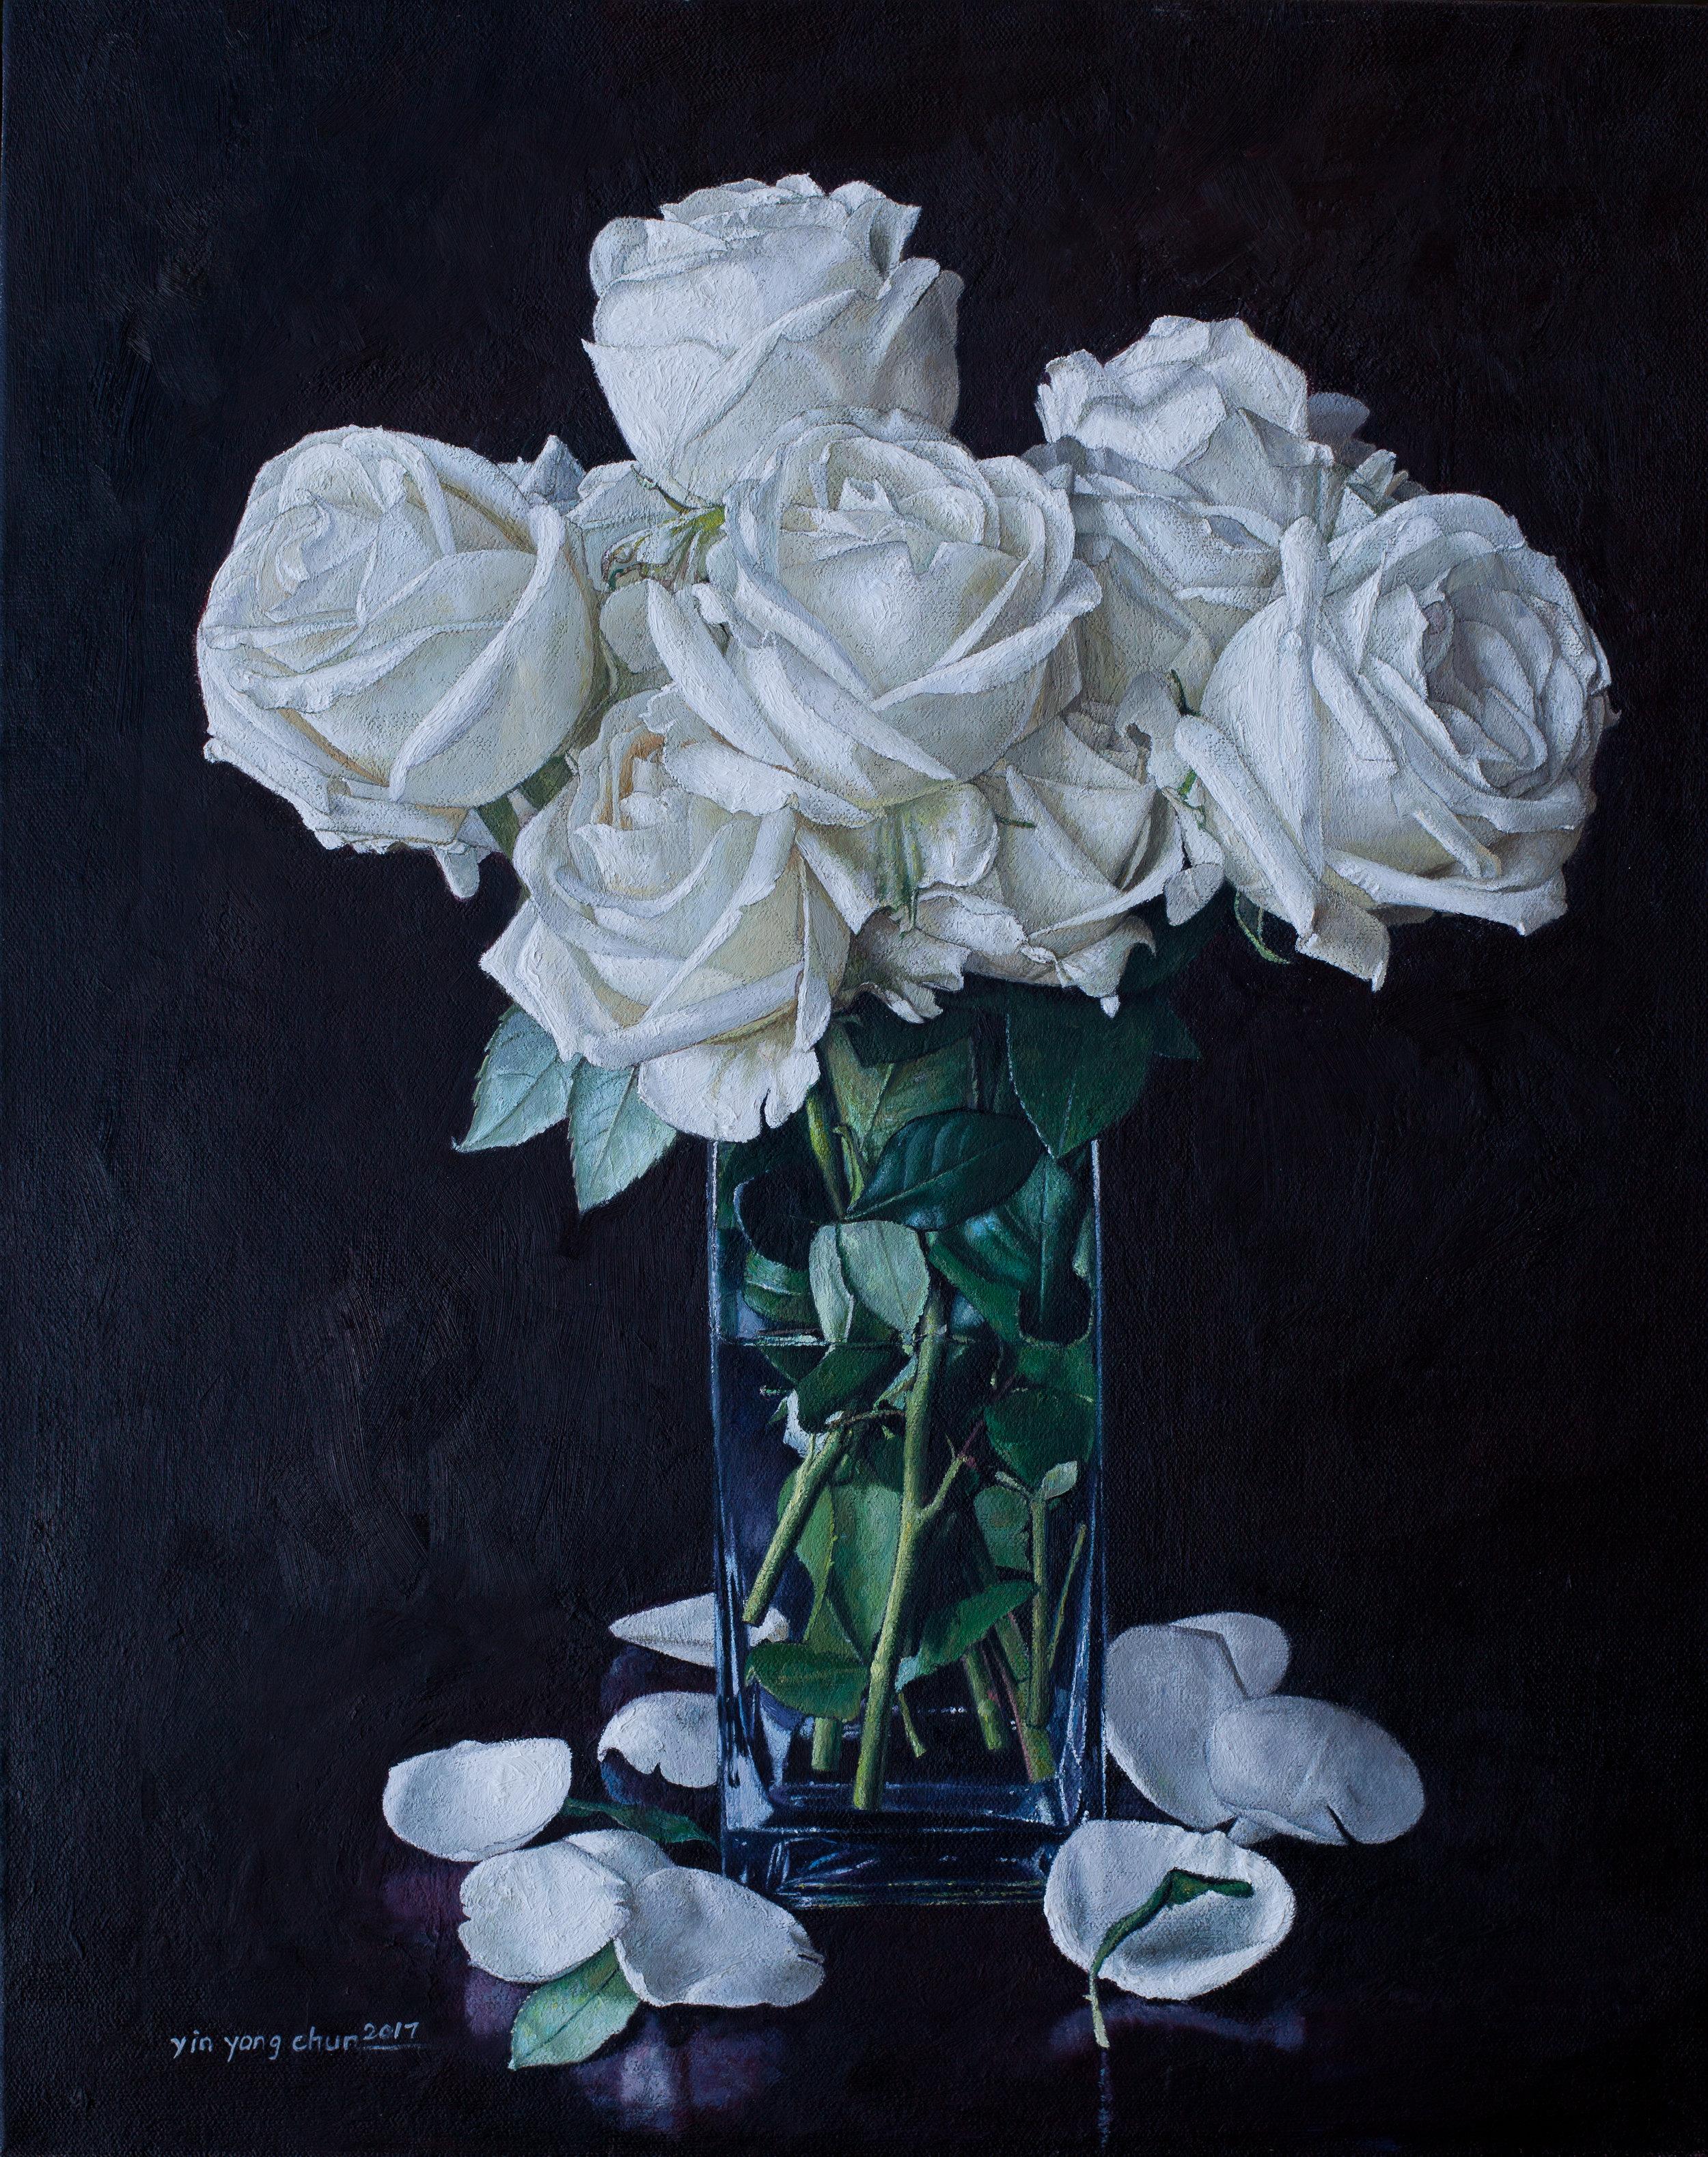 White roses  16 x 20  2017